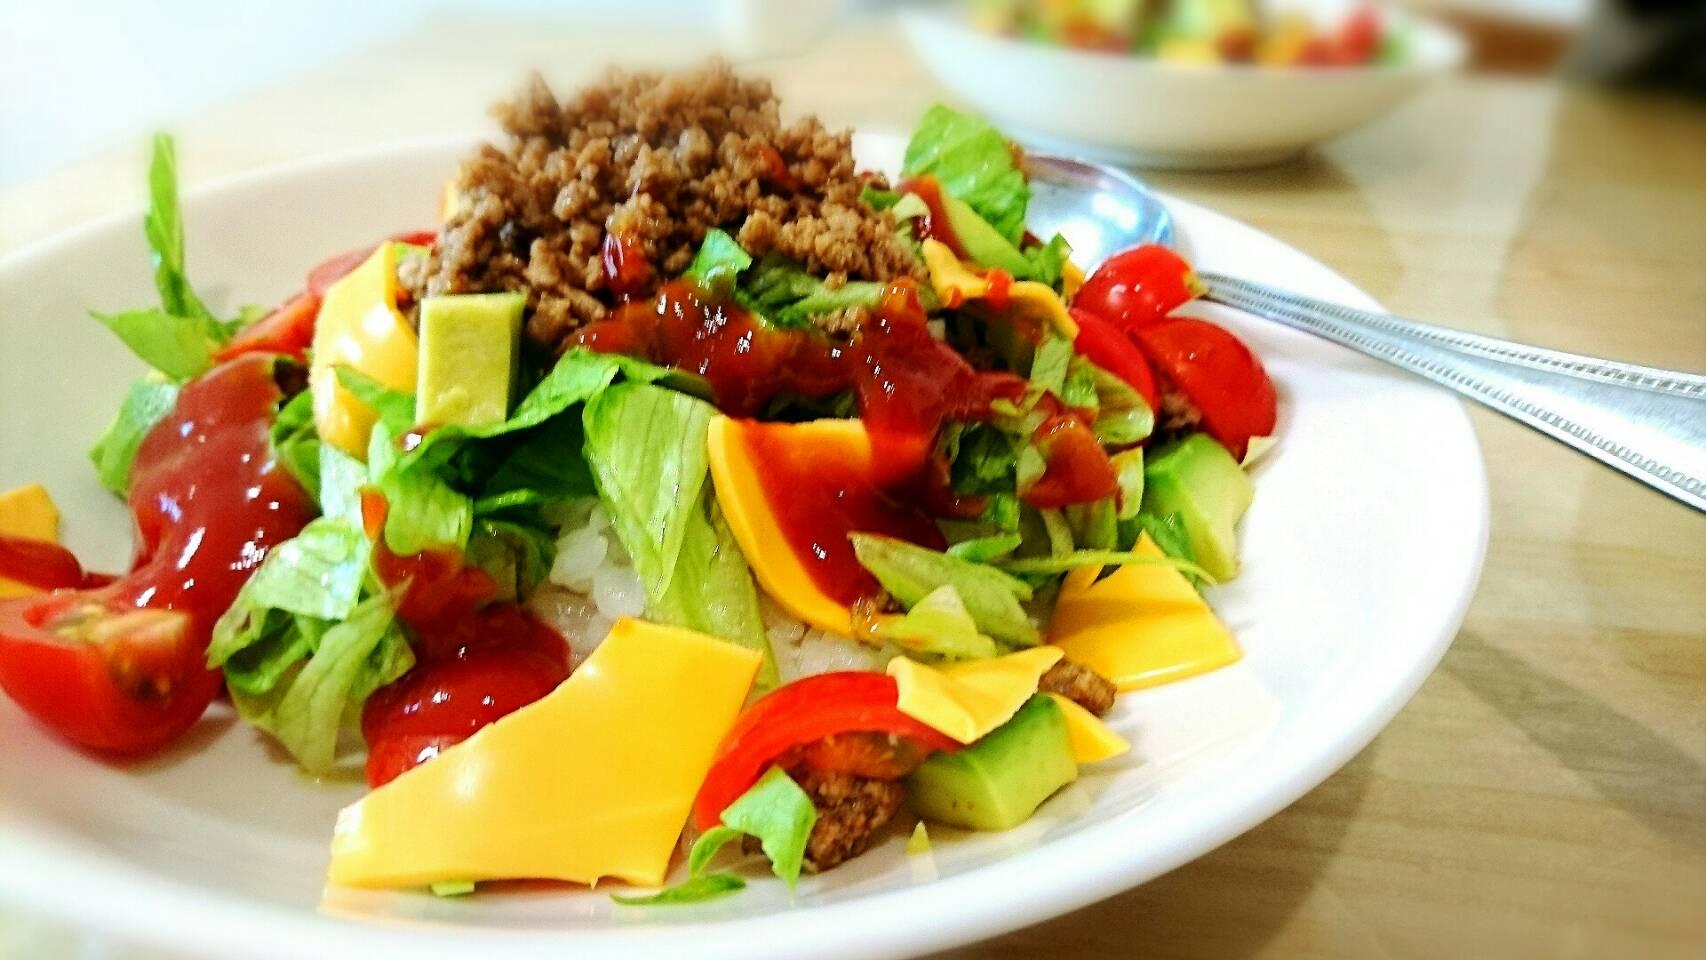 メキシコ風 沖縄料理 タコライス